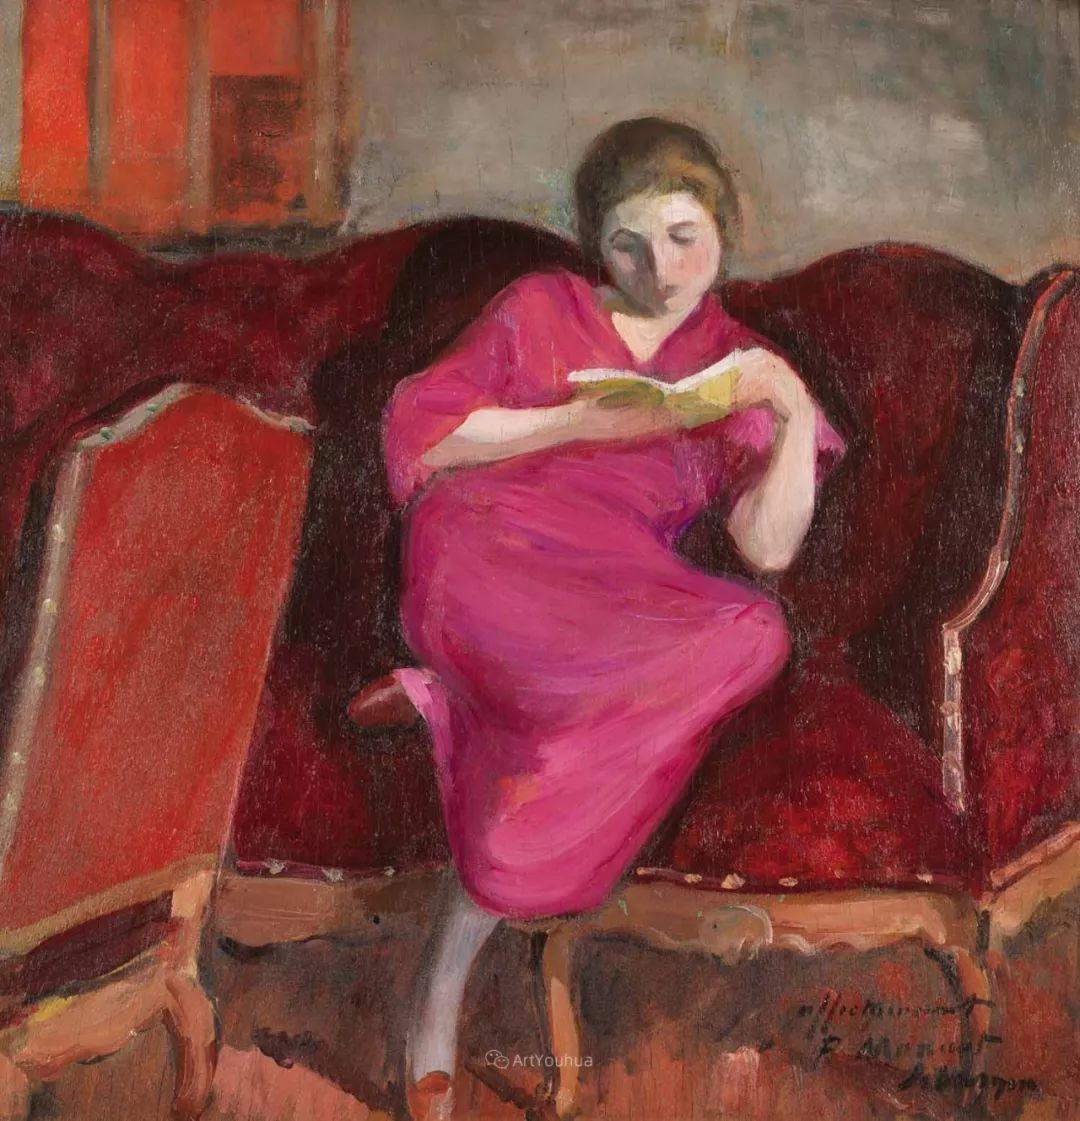 人物篇,法国后印象派画家亨利·莱巴斯克插图11